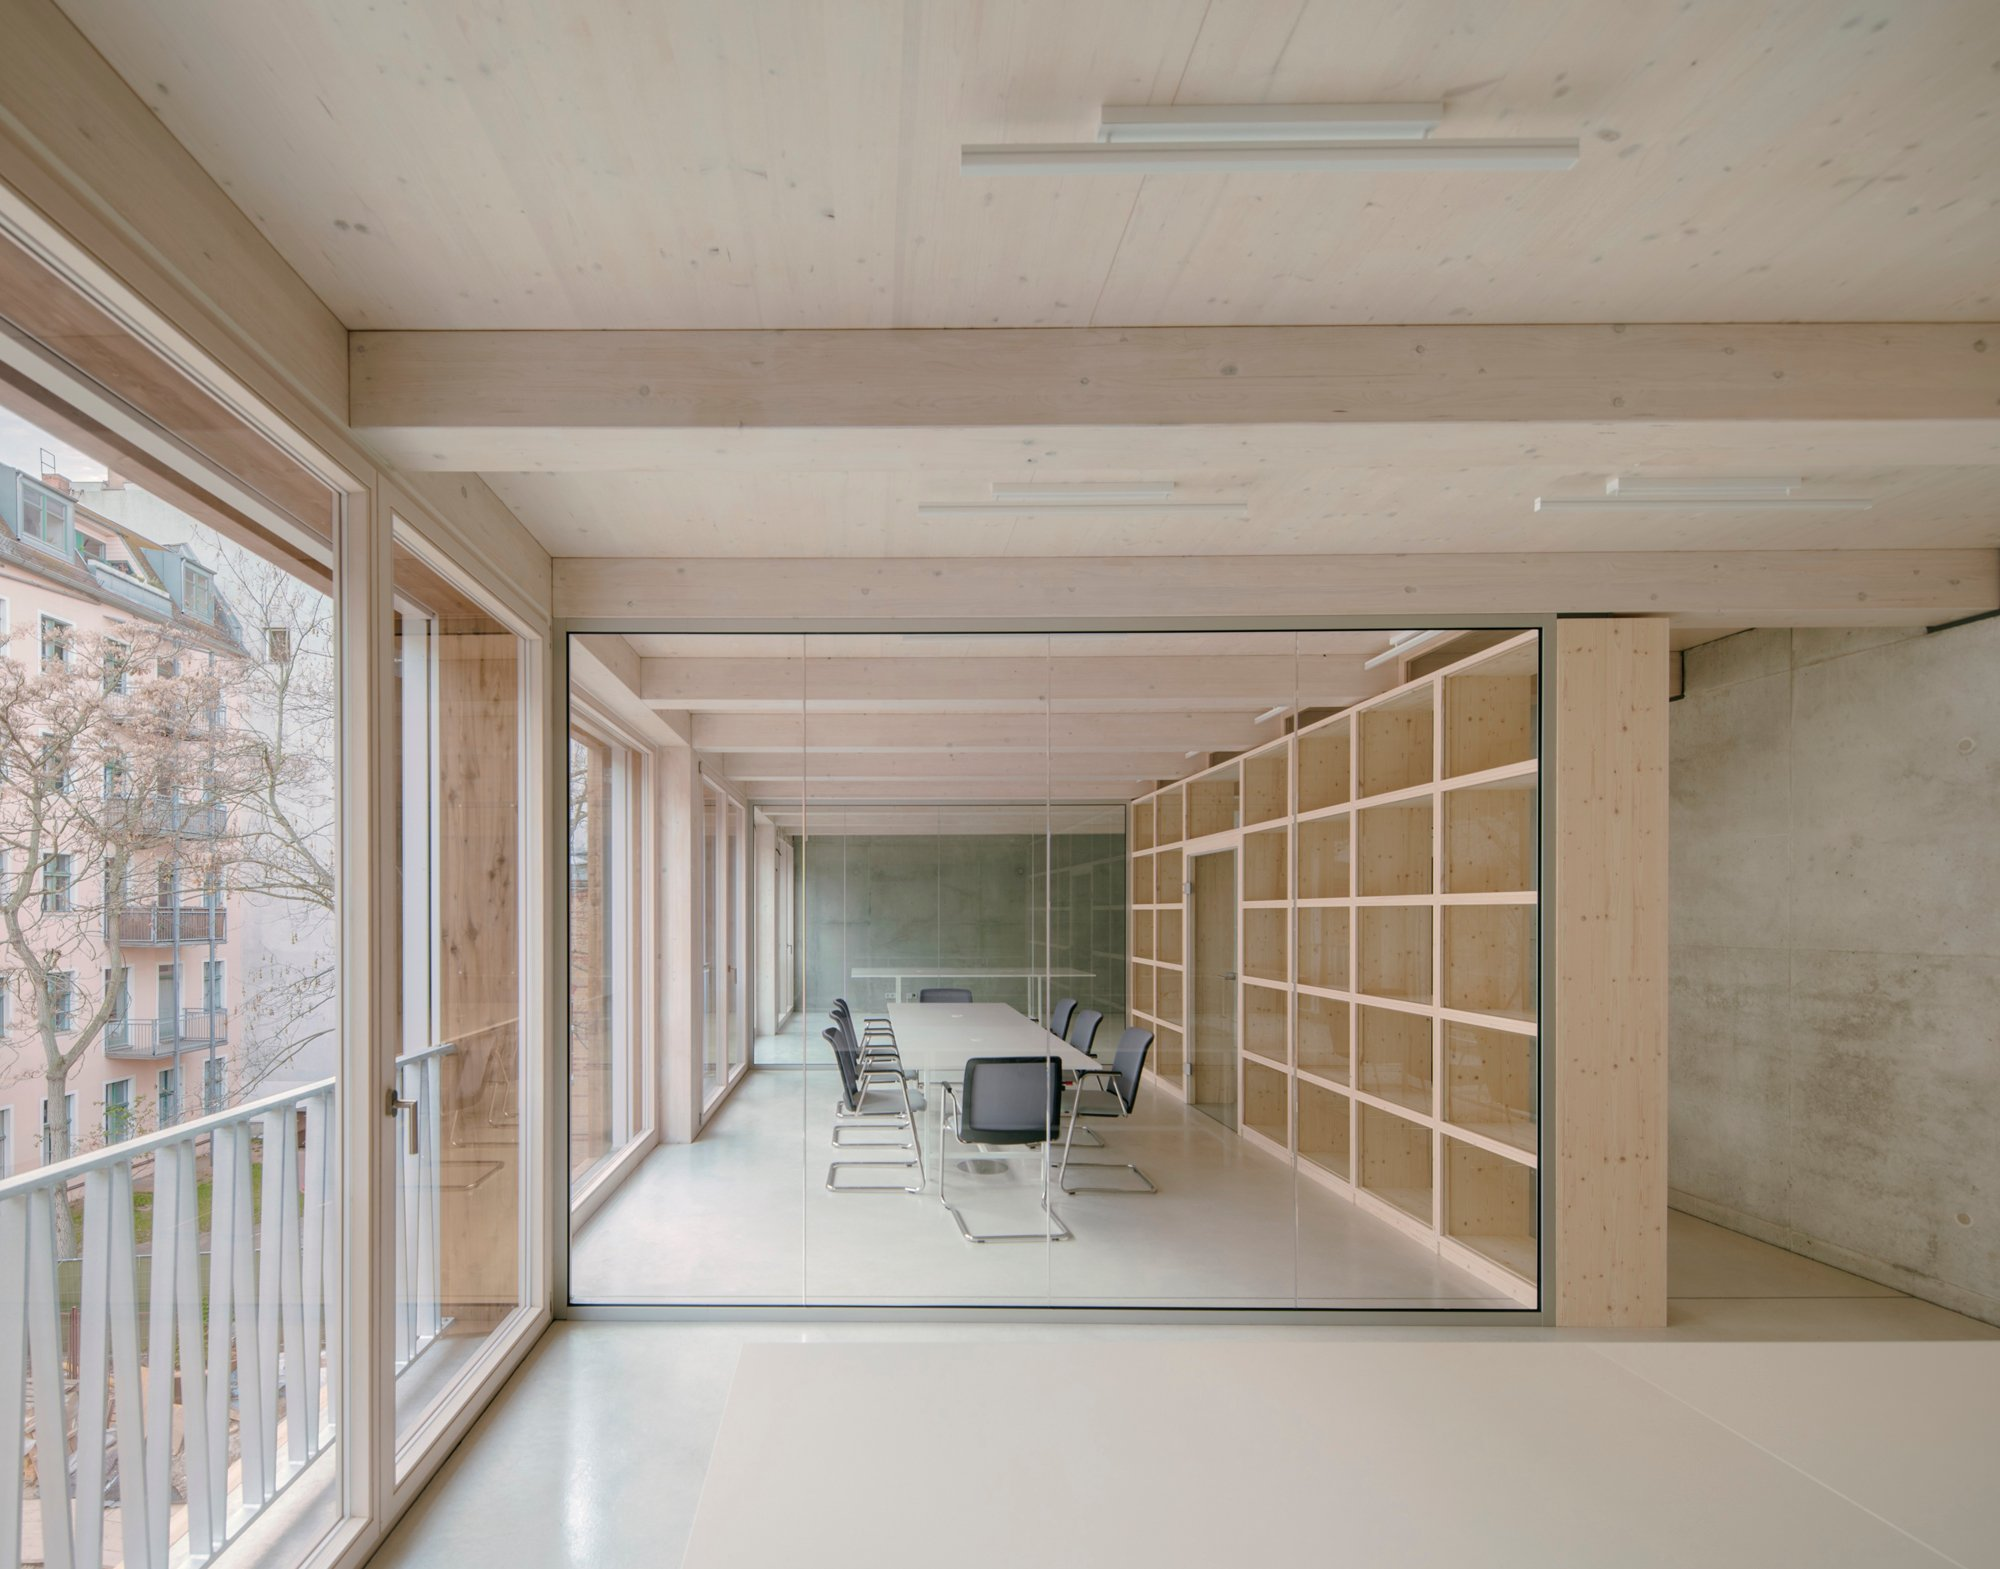 Holz setzt dem Schroffen und Harten des Betons eine weiche, organische Facette entgegen.